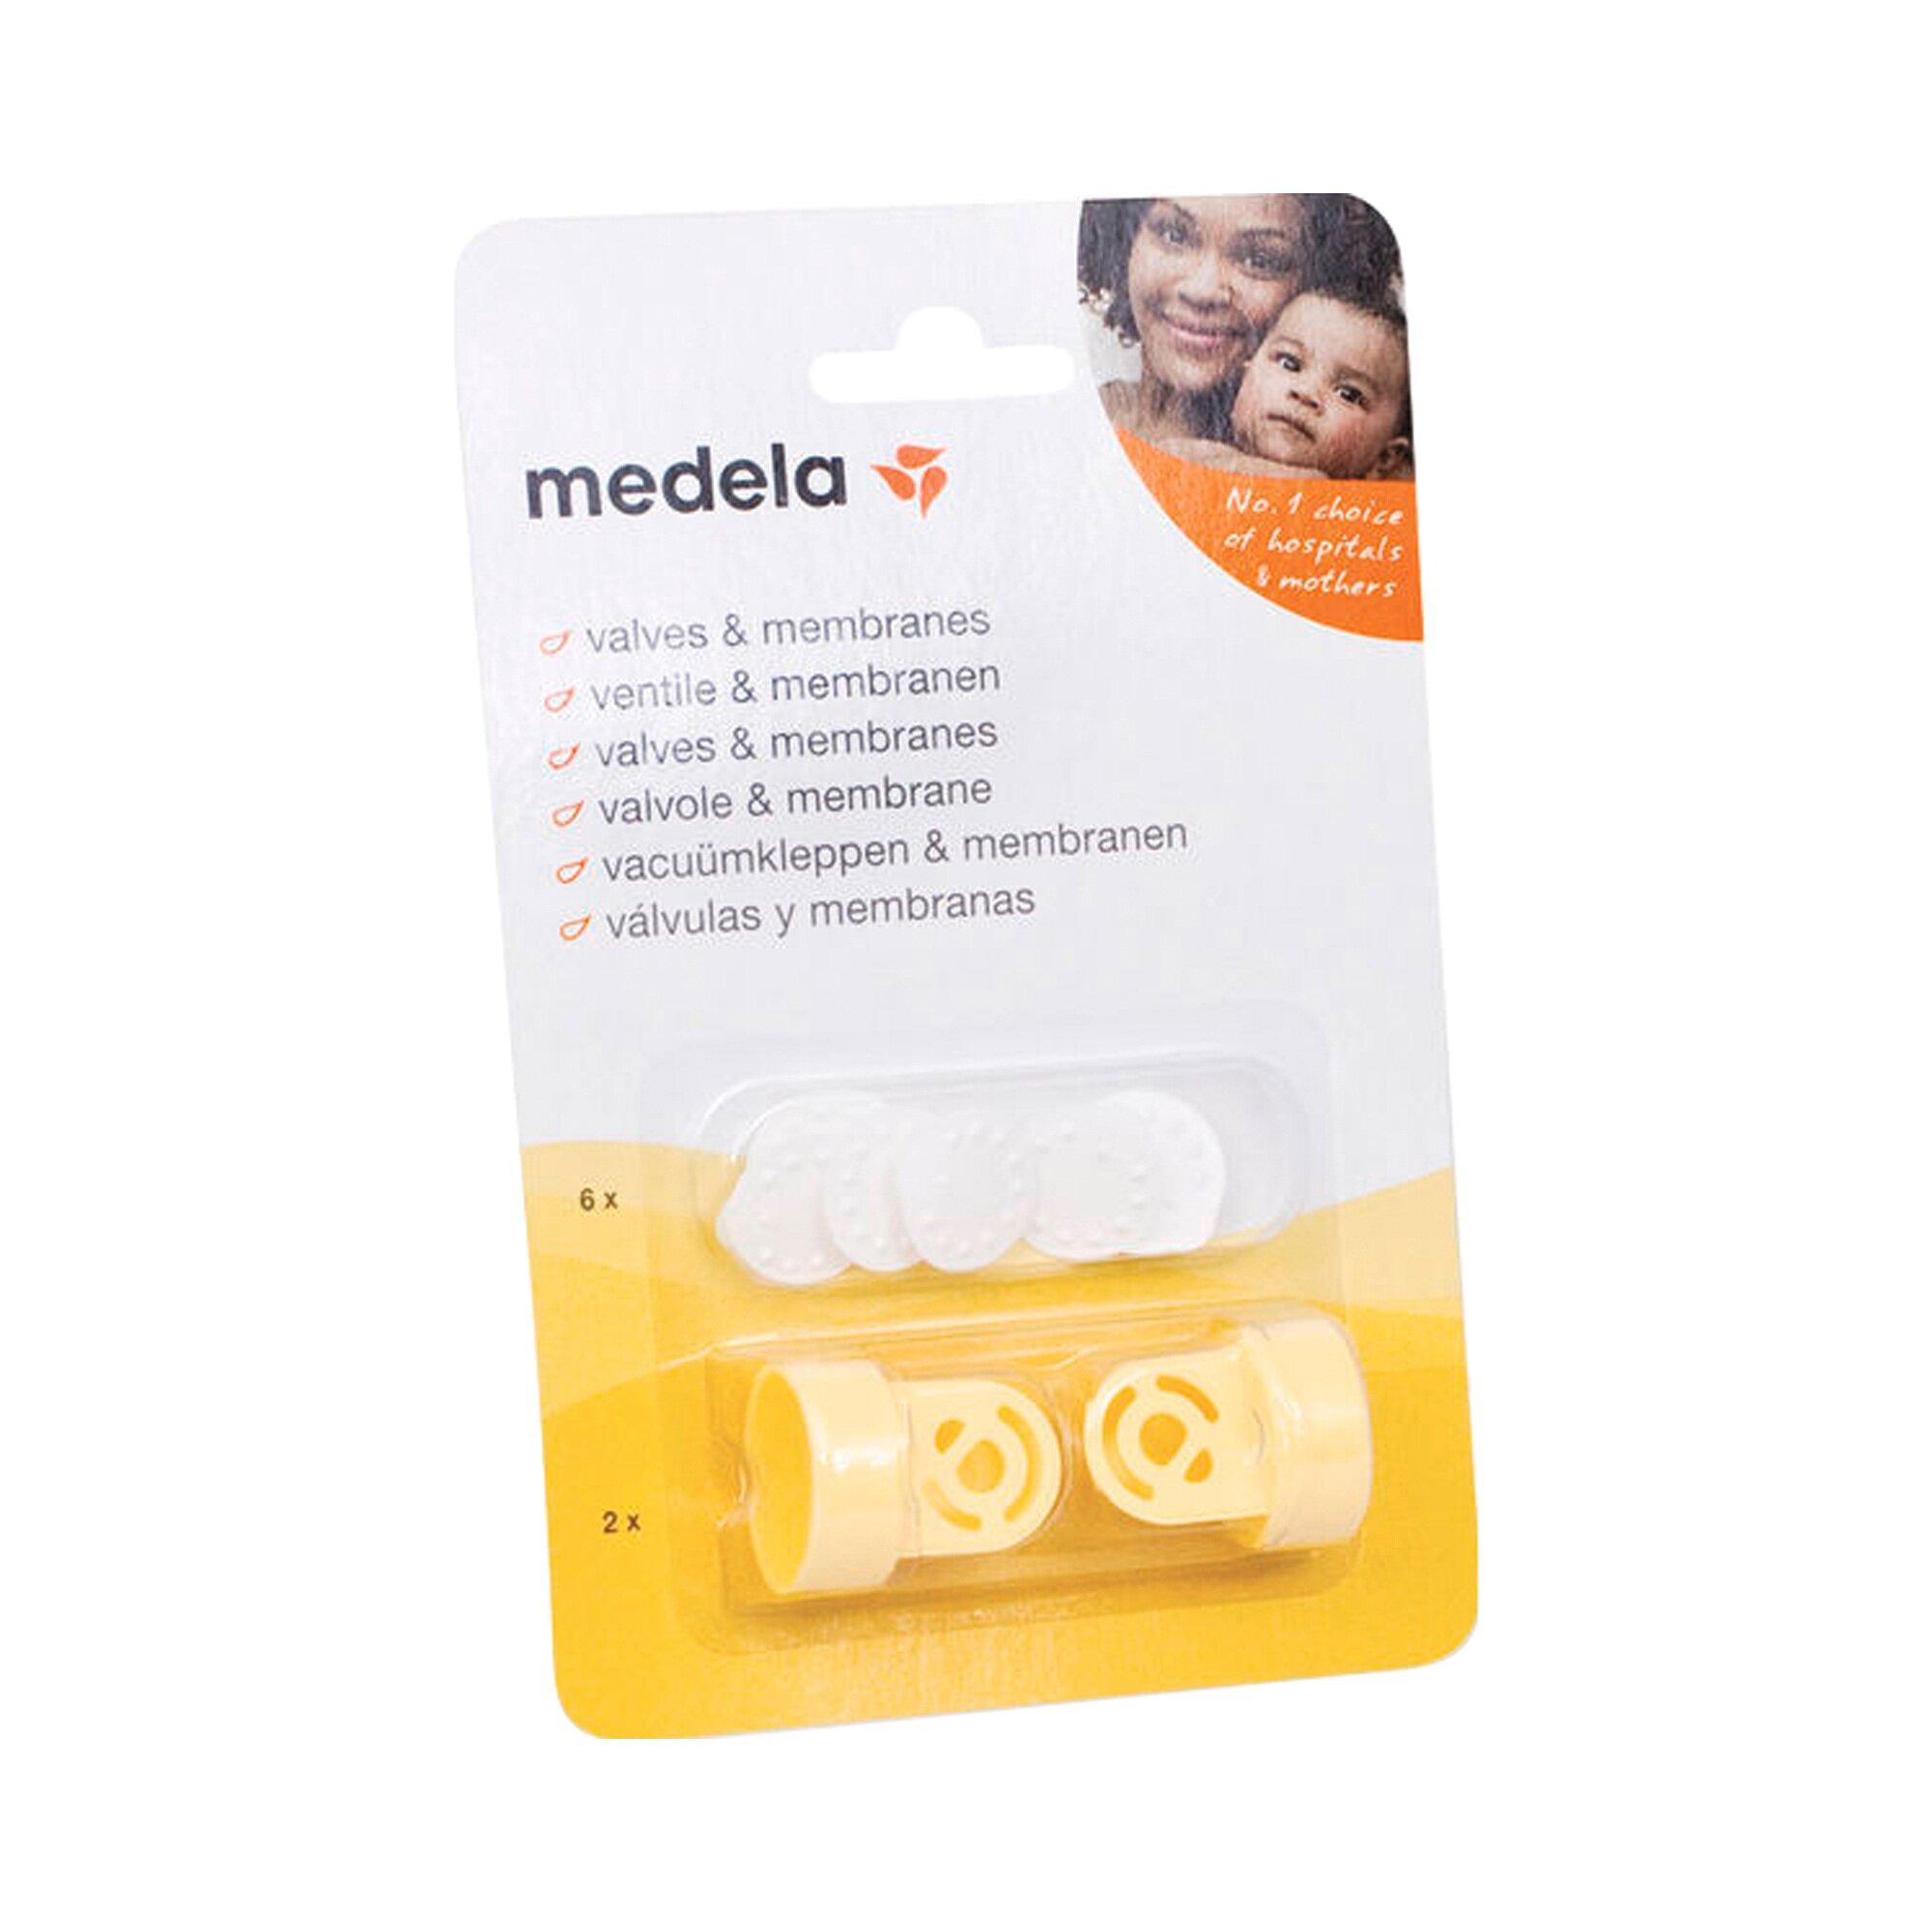 Medela Ersatzteil für Milchpumpe Ventile und Membranen